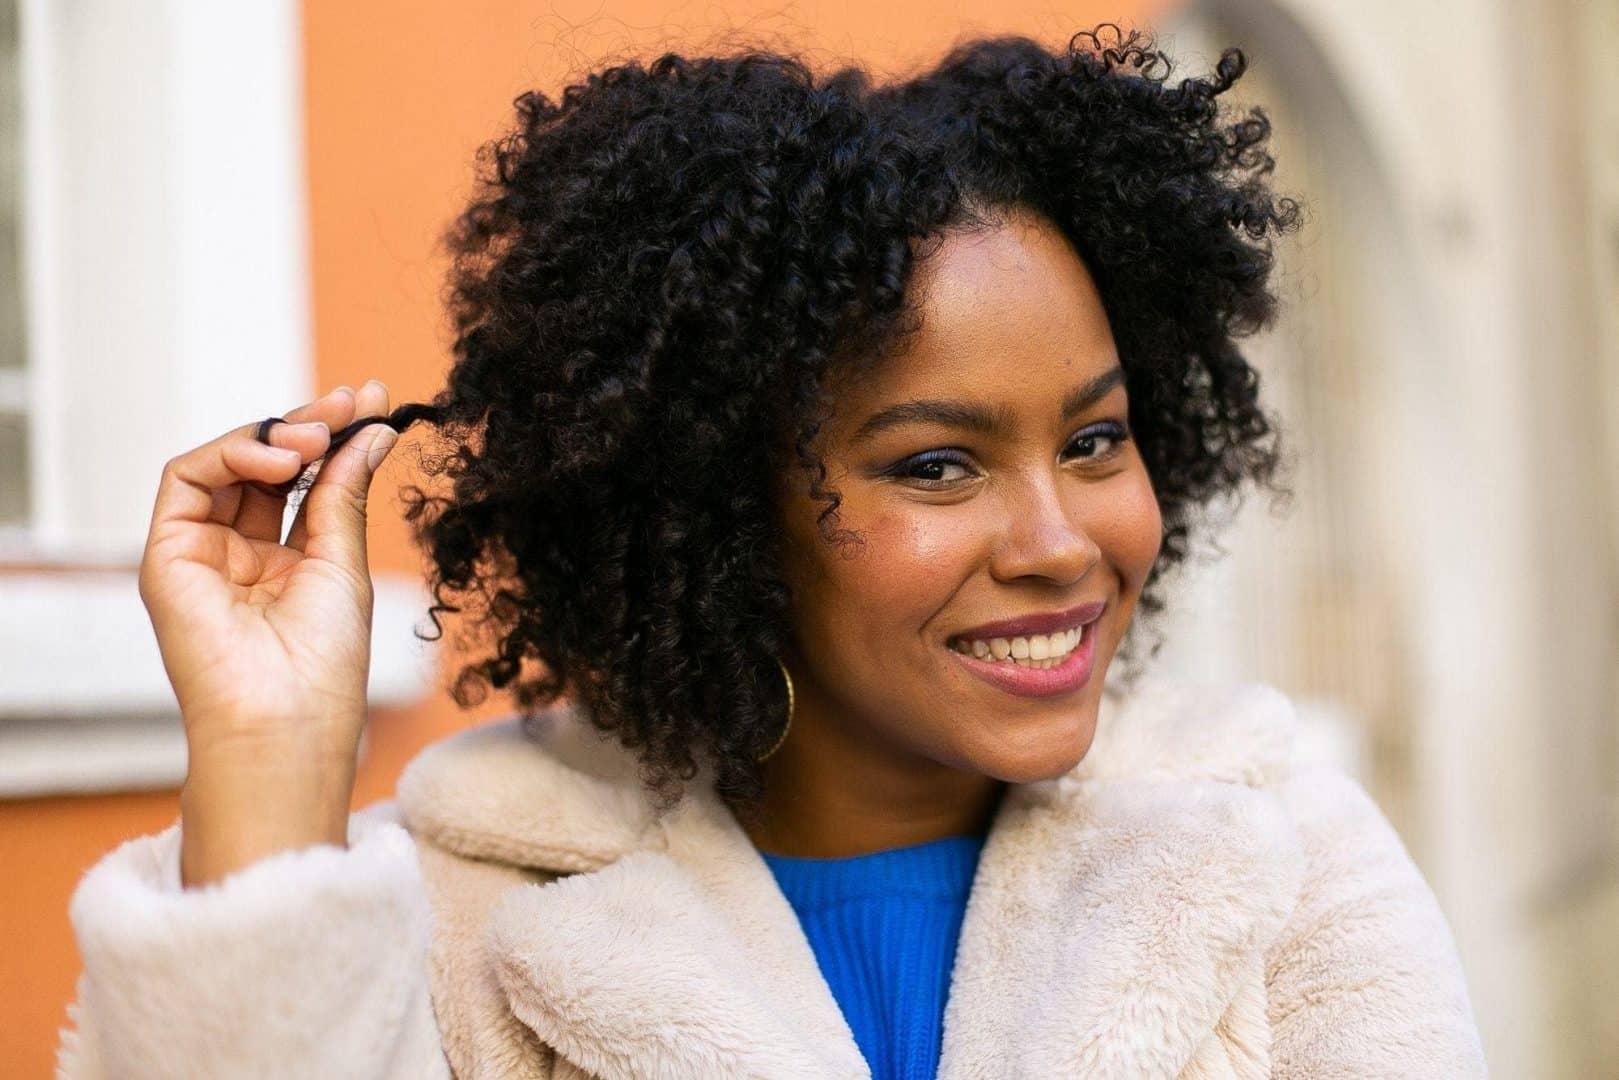 Como cuidar do cabelo curto - qual corte escolher e dicas de cuidado